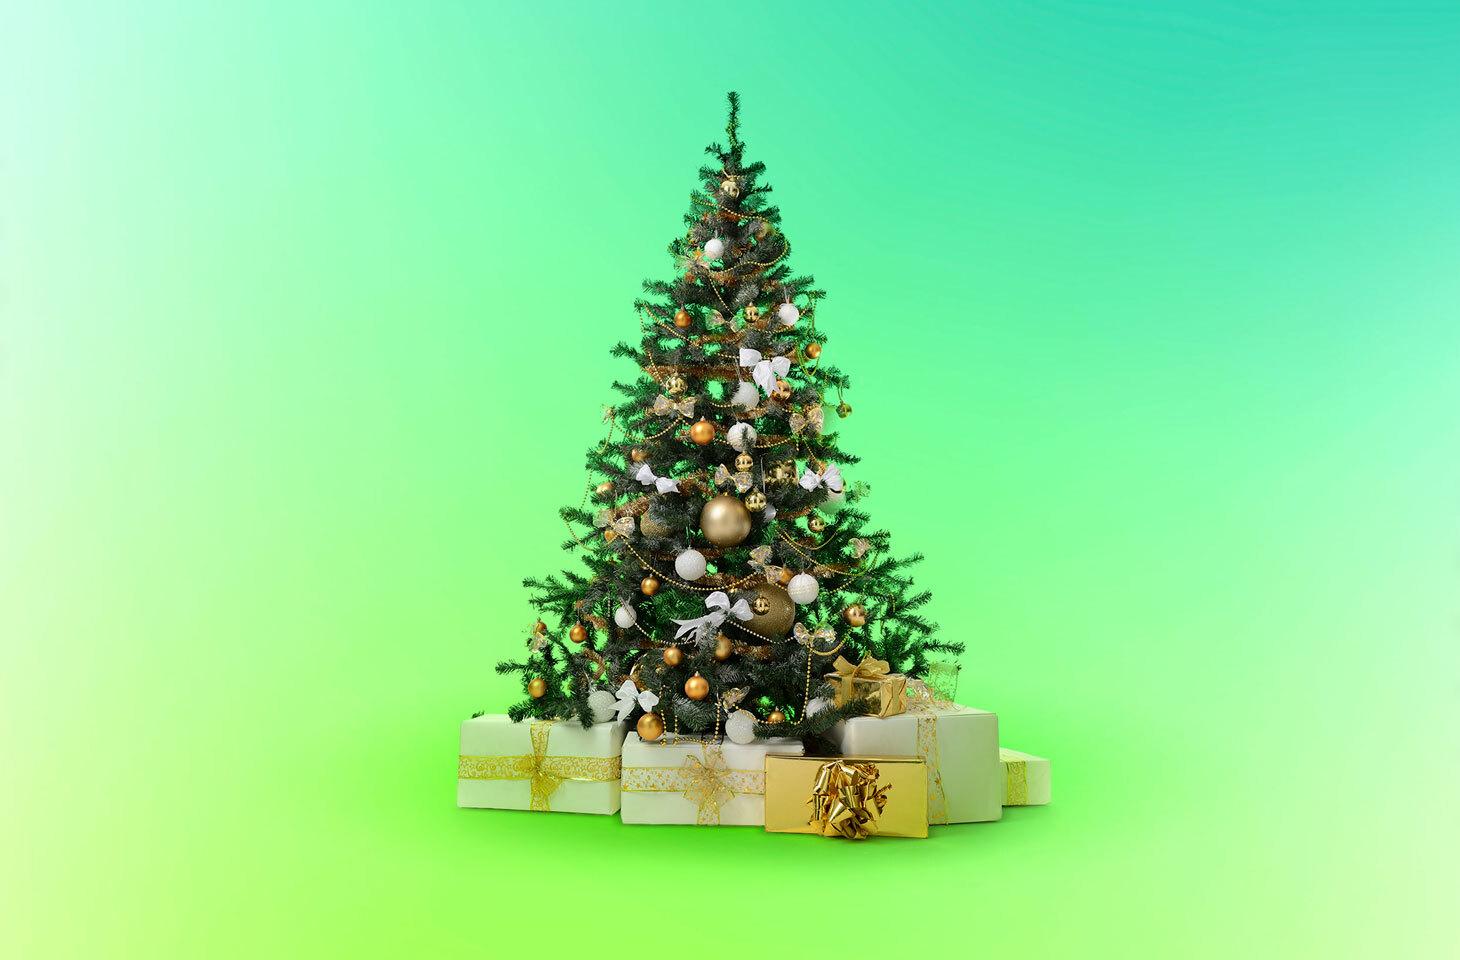 该给孩子们准备什么圣诞和新年礼物呢? | 卡巴斯基官方博客